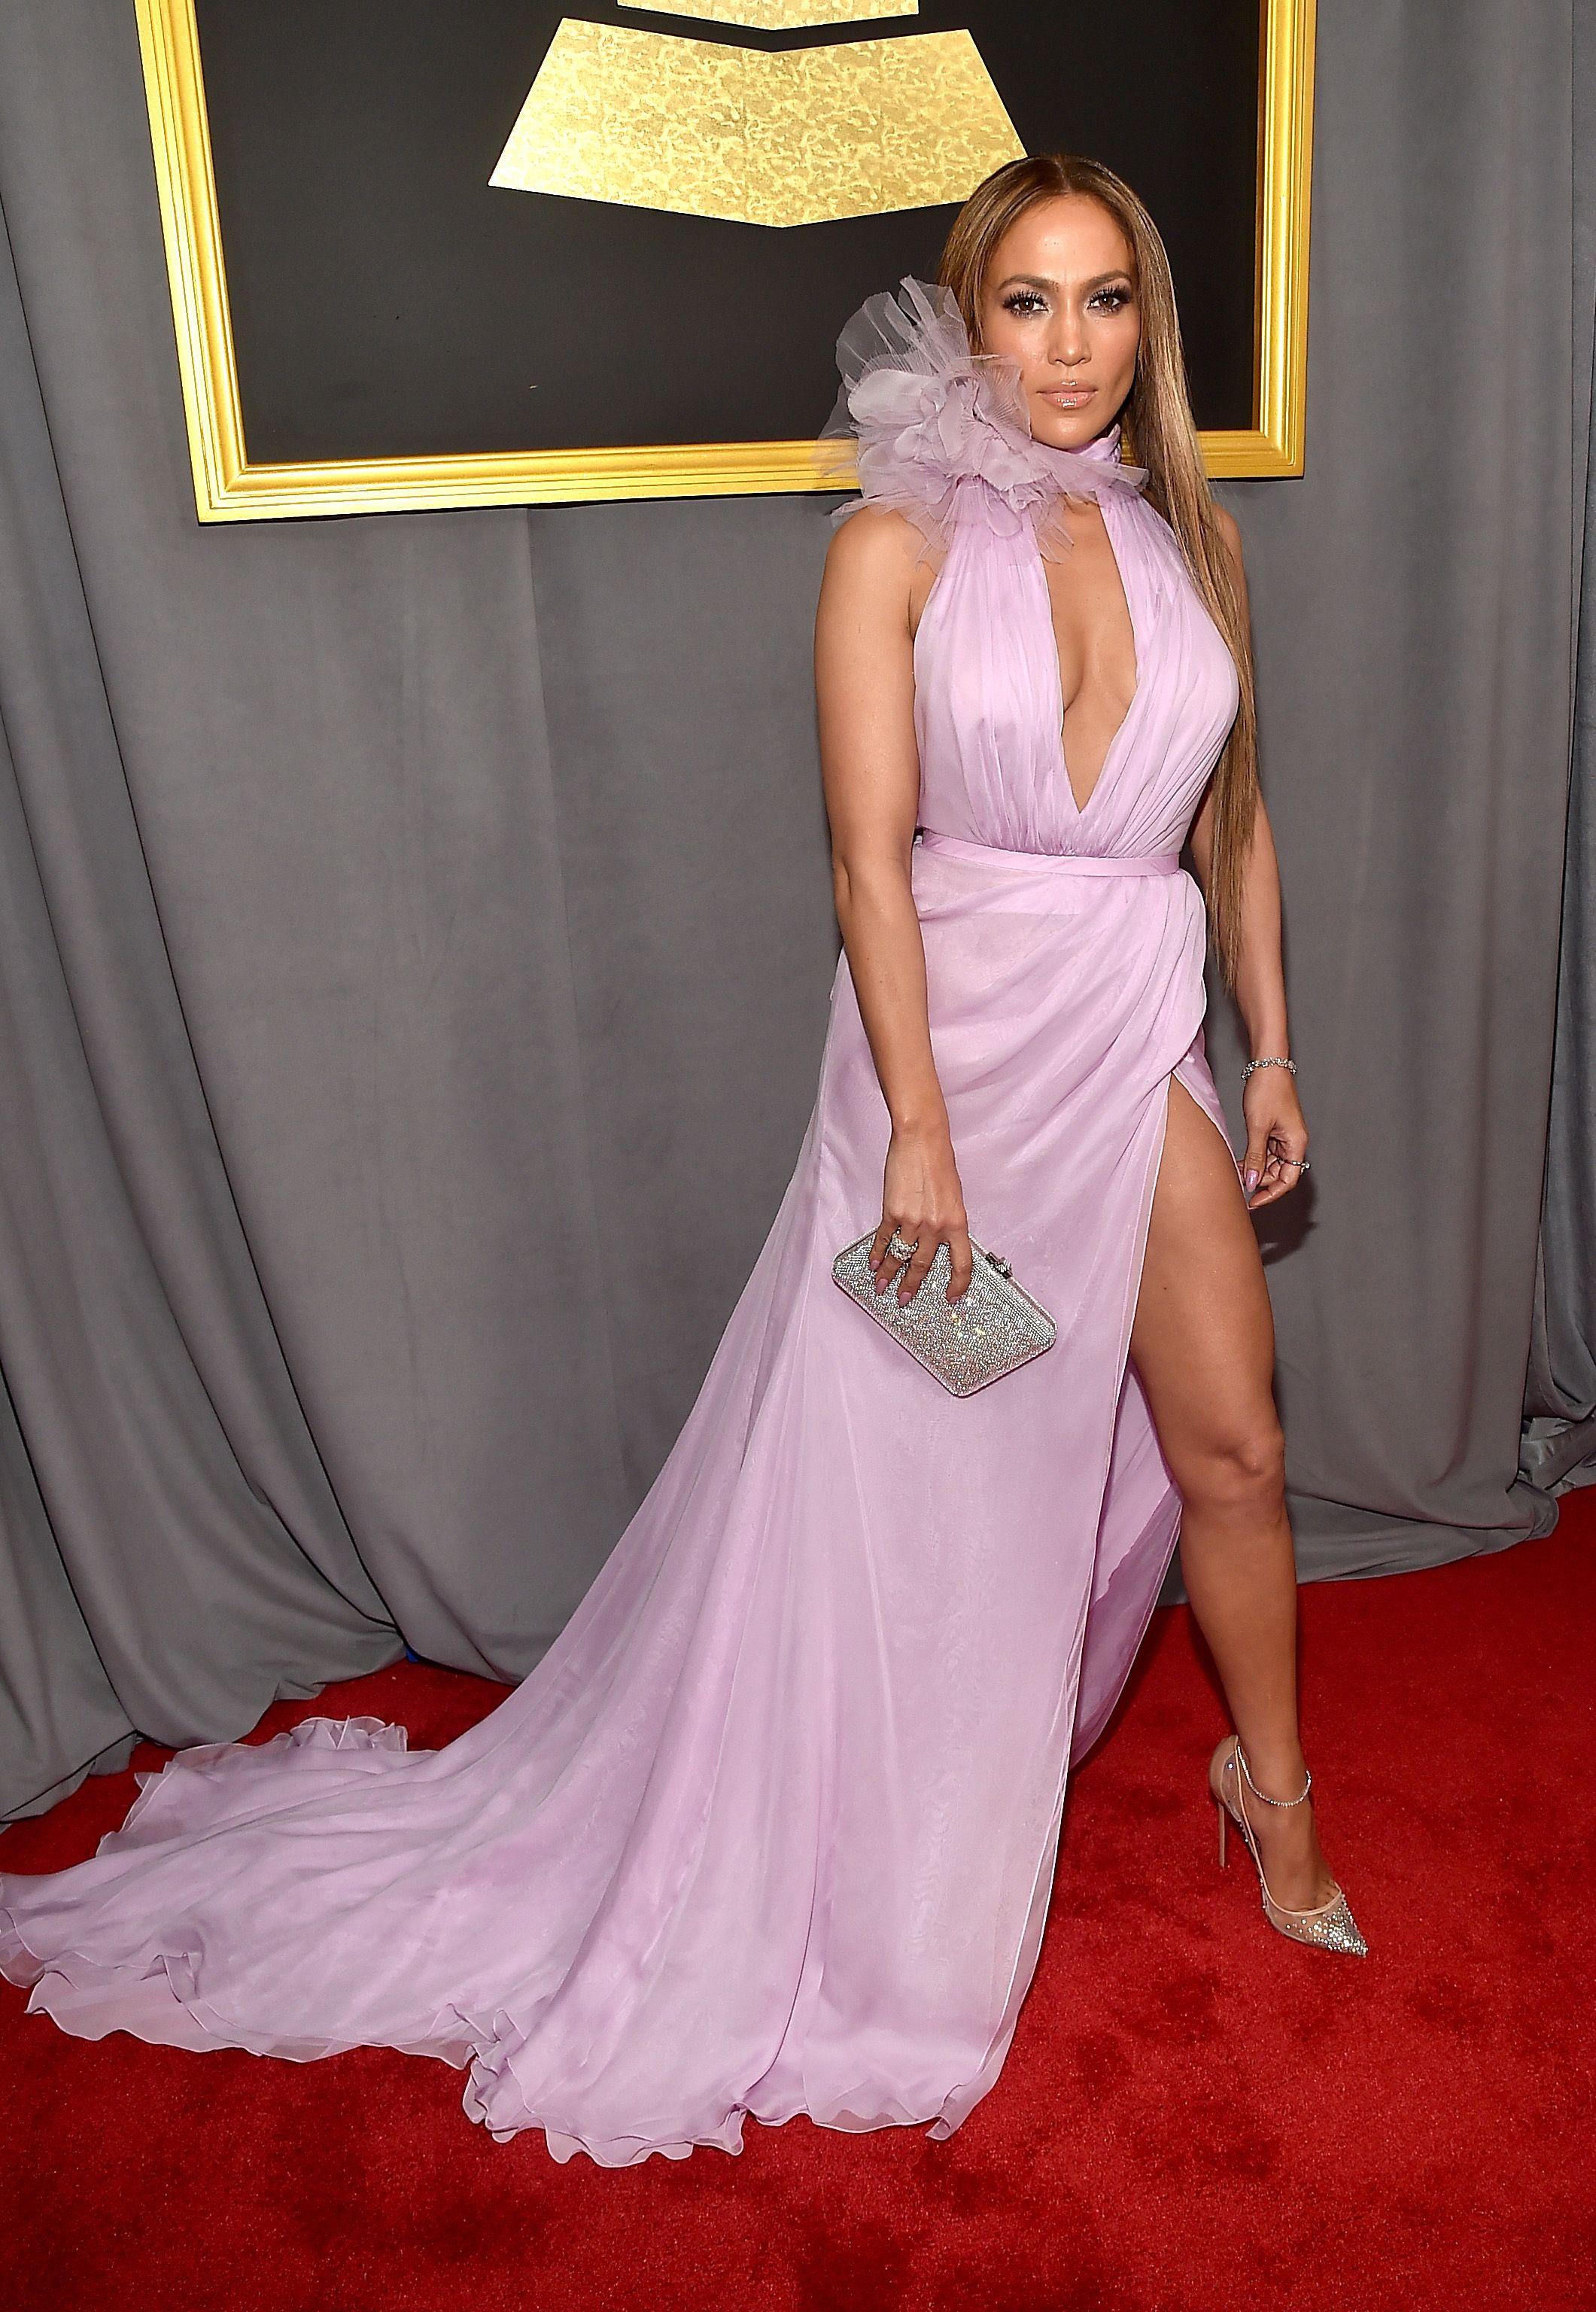 Grammy 2017: os looks das estrelas no red carpet da música - Vogue | Red carpet